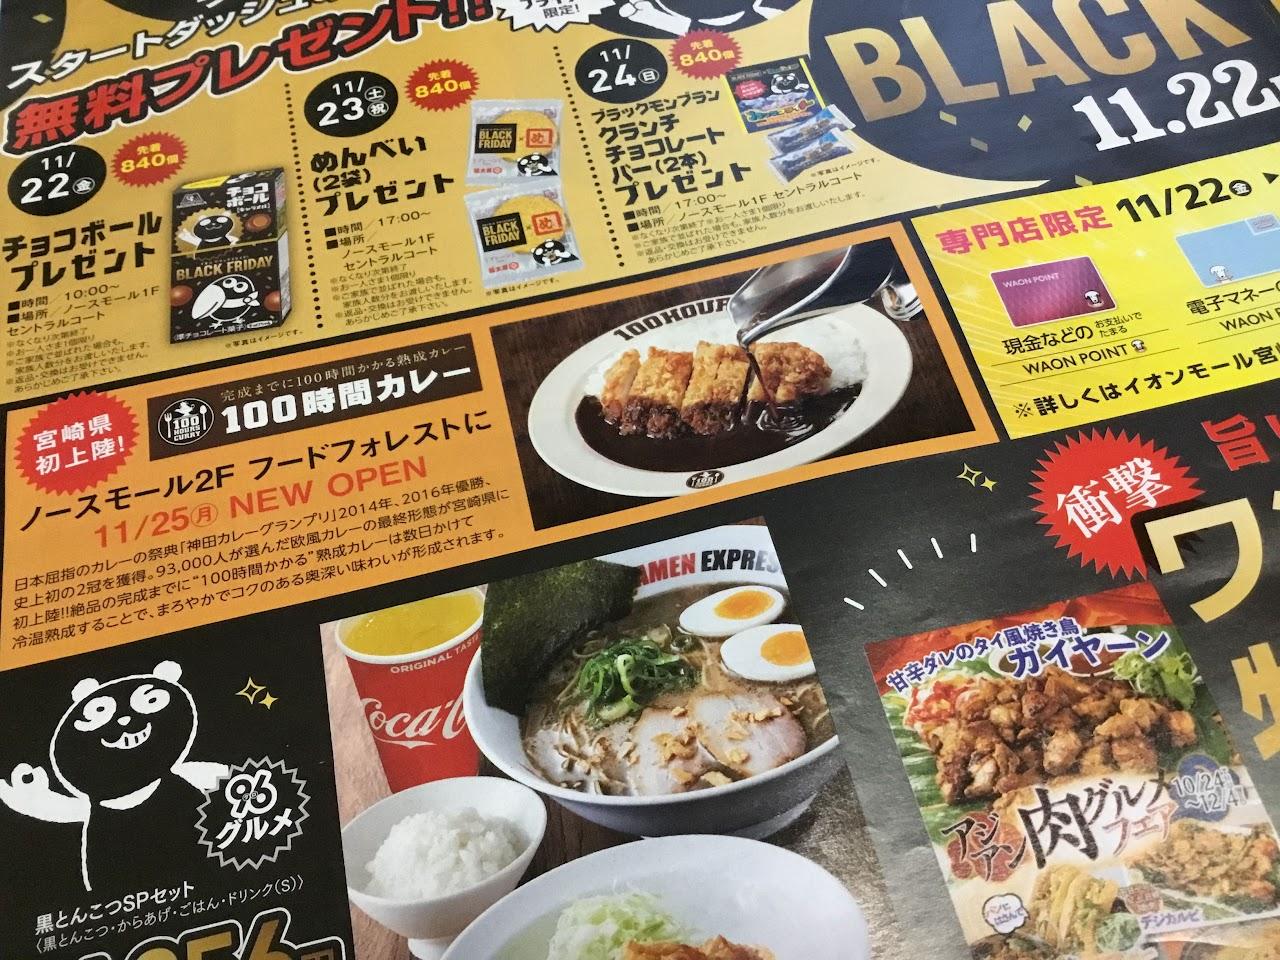 100時間カレー イオンモール宮崎店オープン!カレーの祭典「神田カレーグランプリ」の味はいかに?